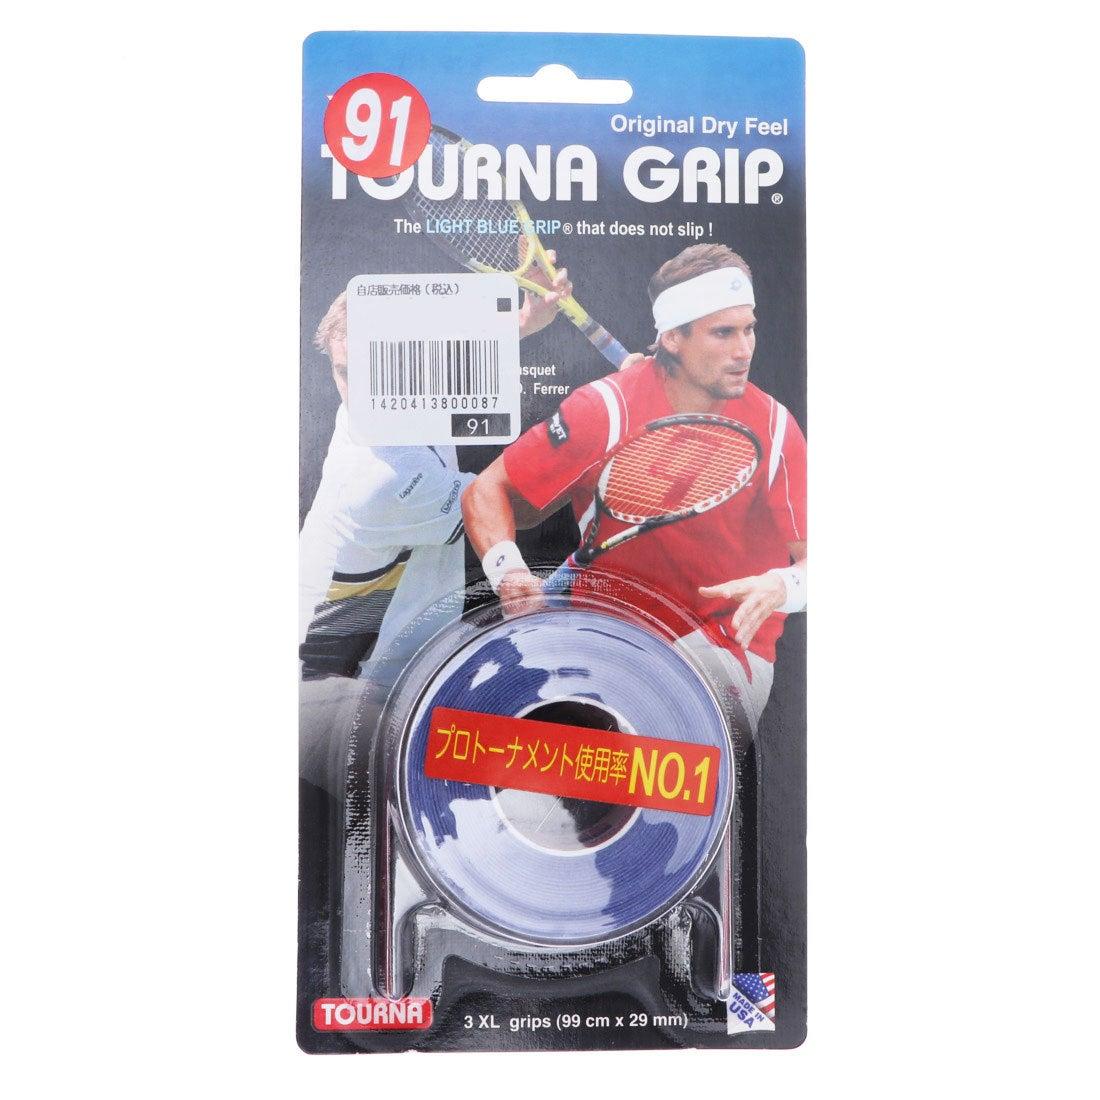 ユニーク UNIQUE テニス グリップテープ トーナグリップ 3本入り XL TG-1-XL